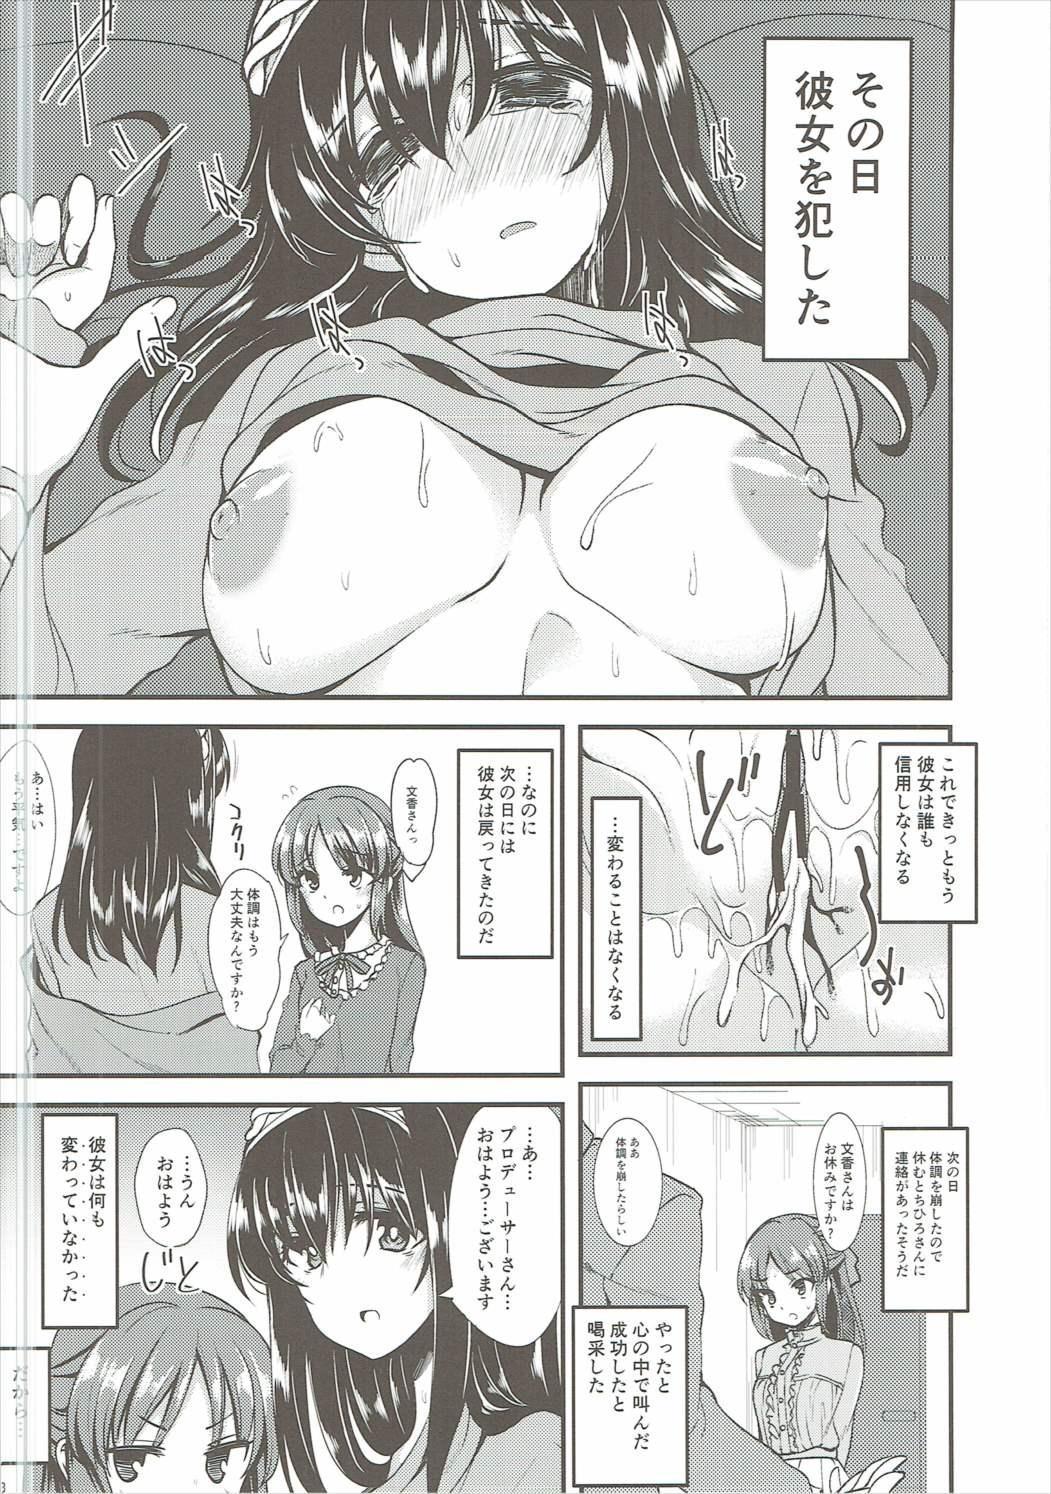 Kagehinata ni Saku, Yukiwari no Hana 6